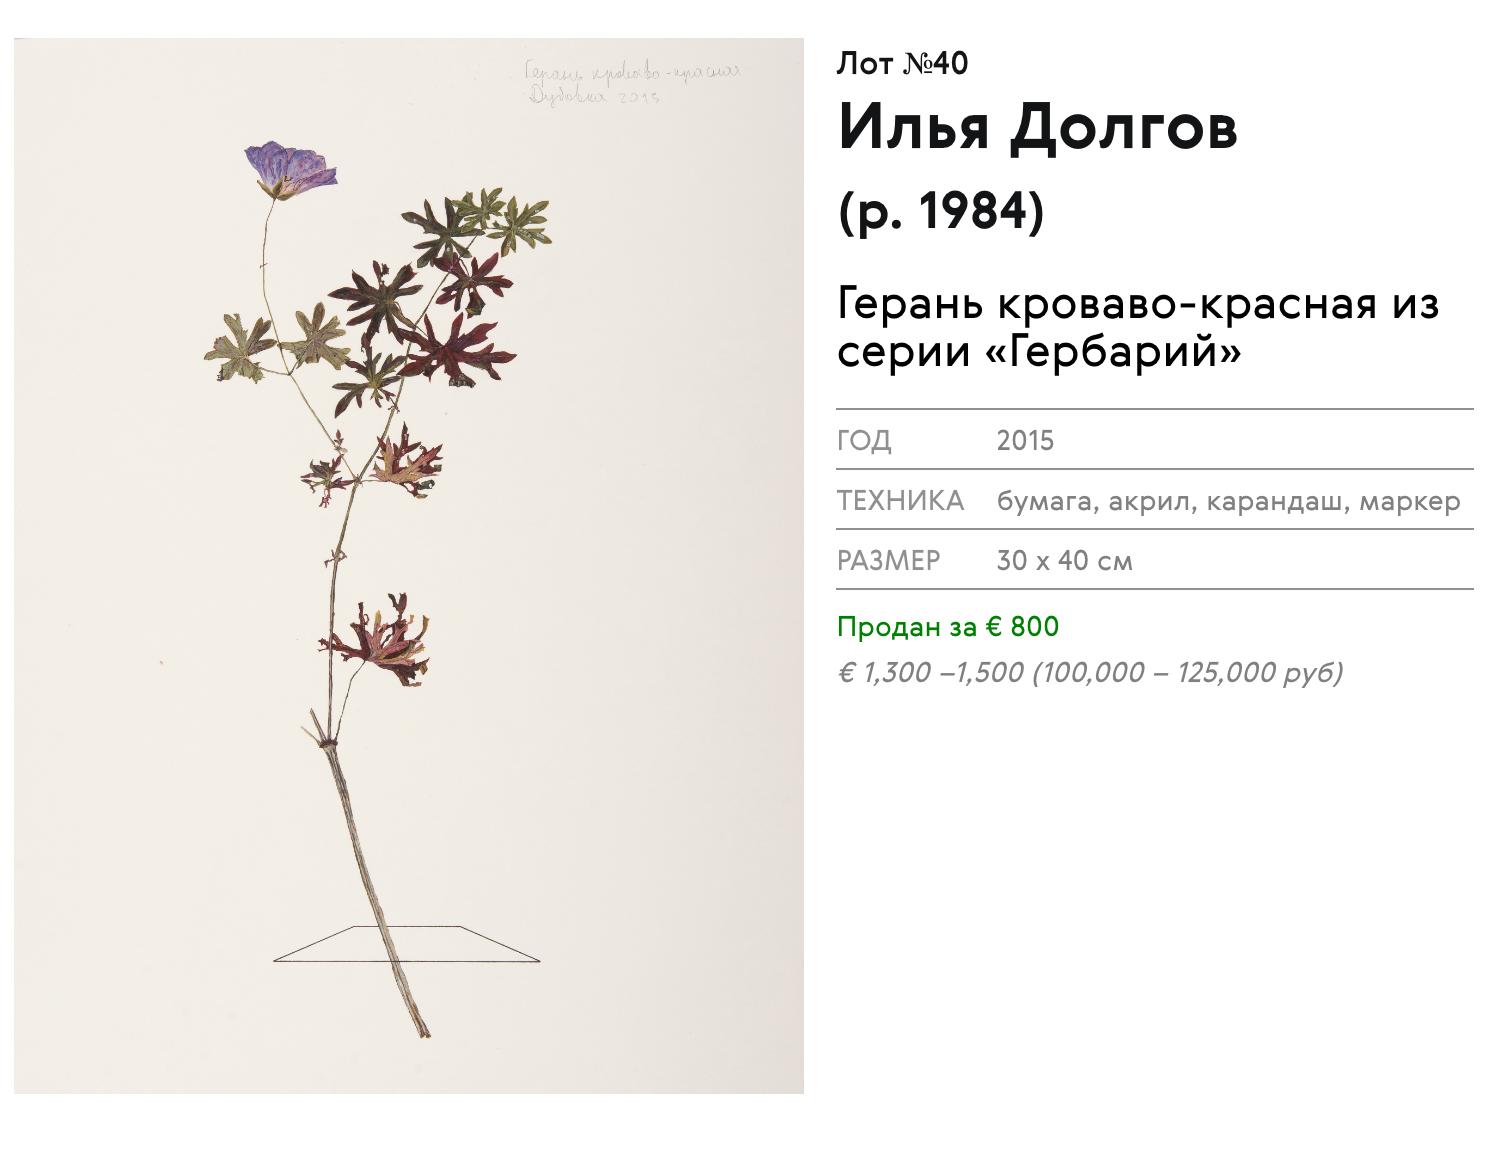 Серия «Гербарий» продается в московской галерее XL, цена за 1 лист — 1100€